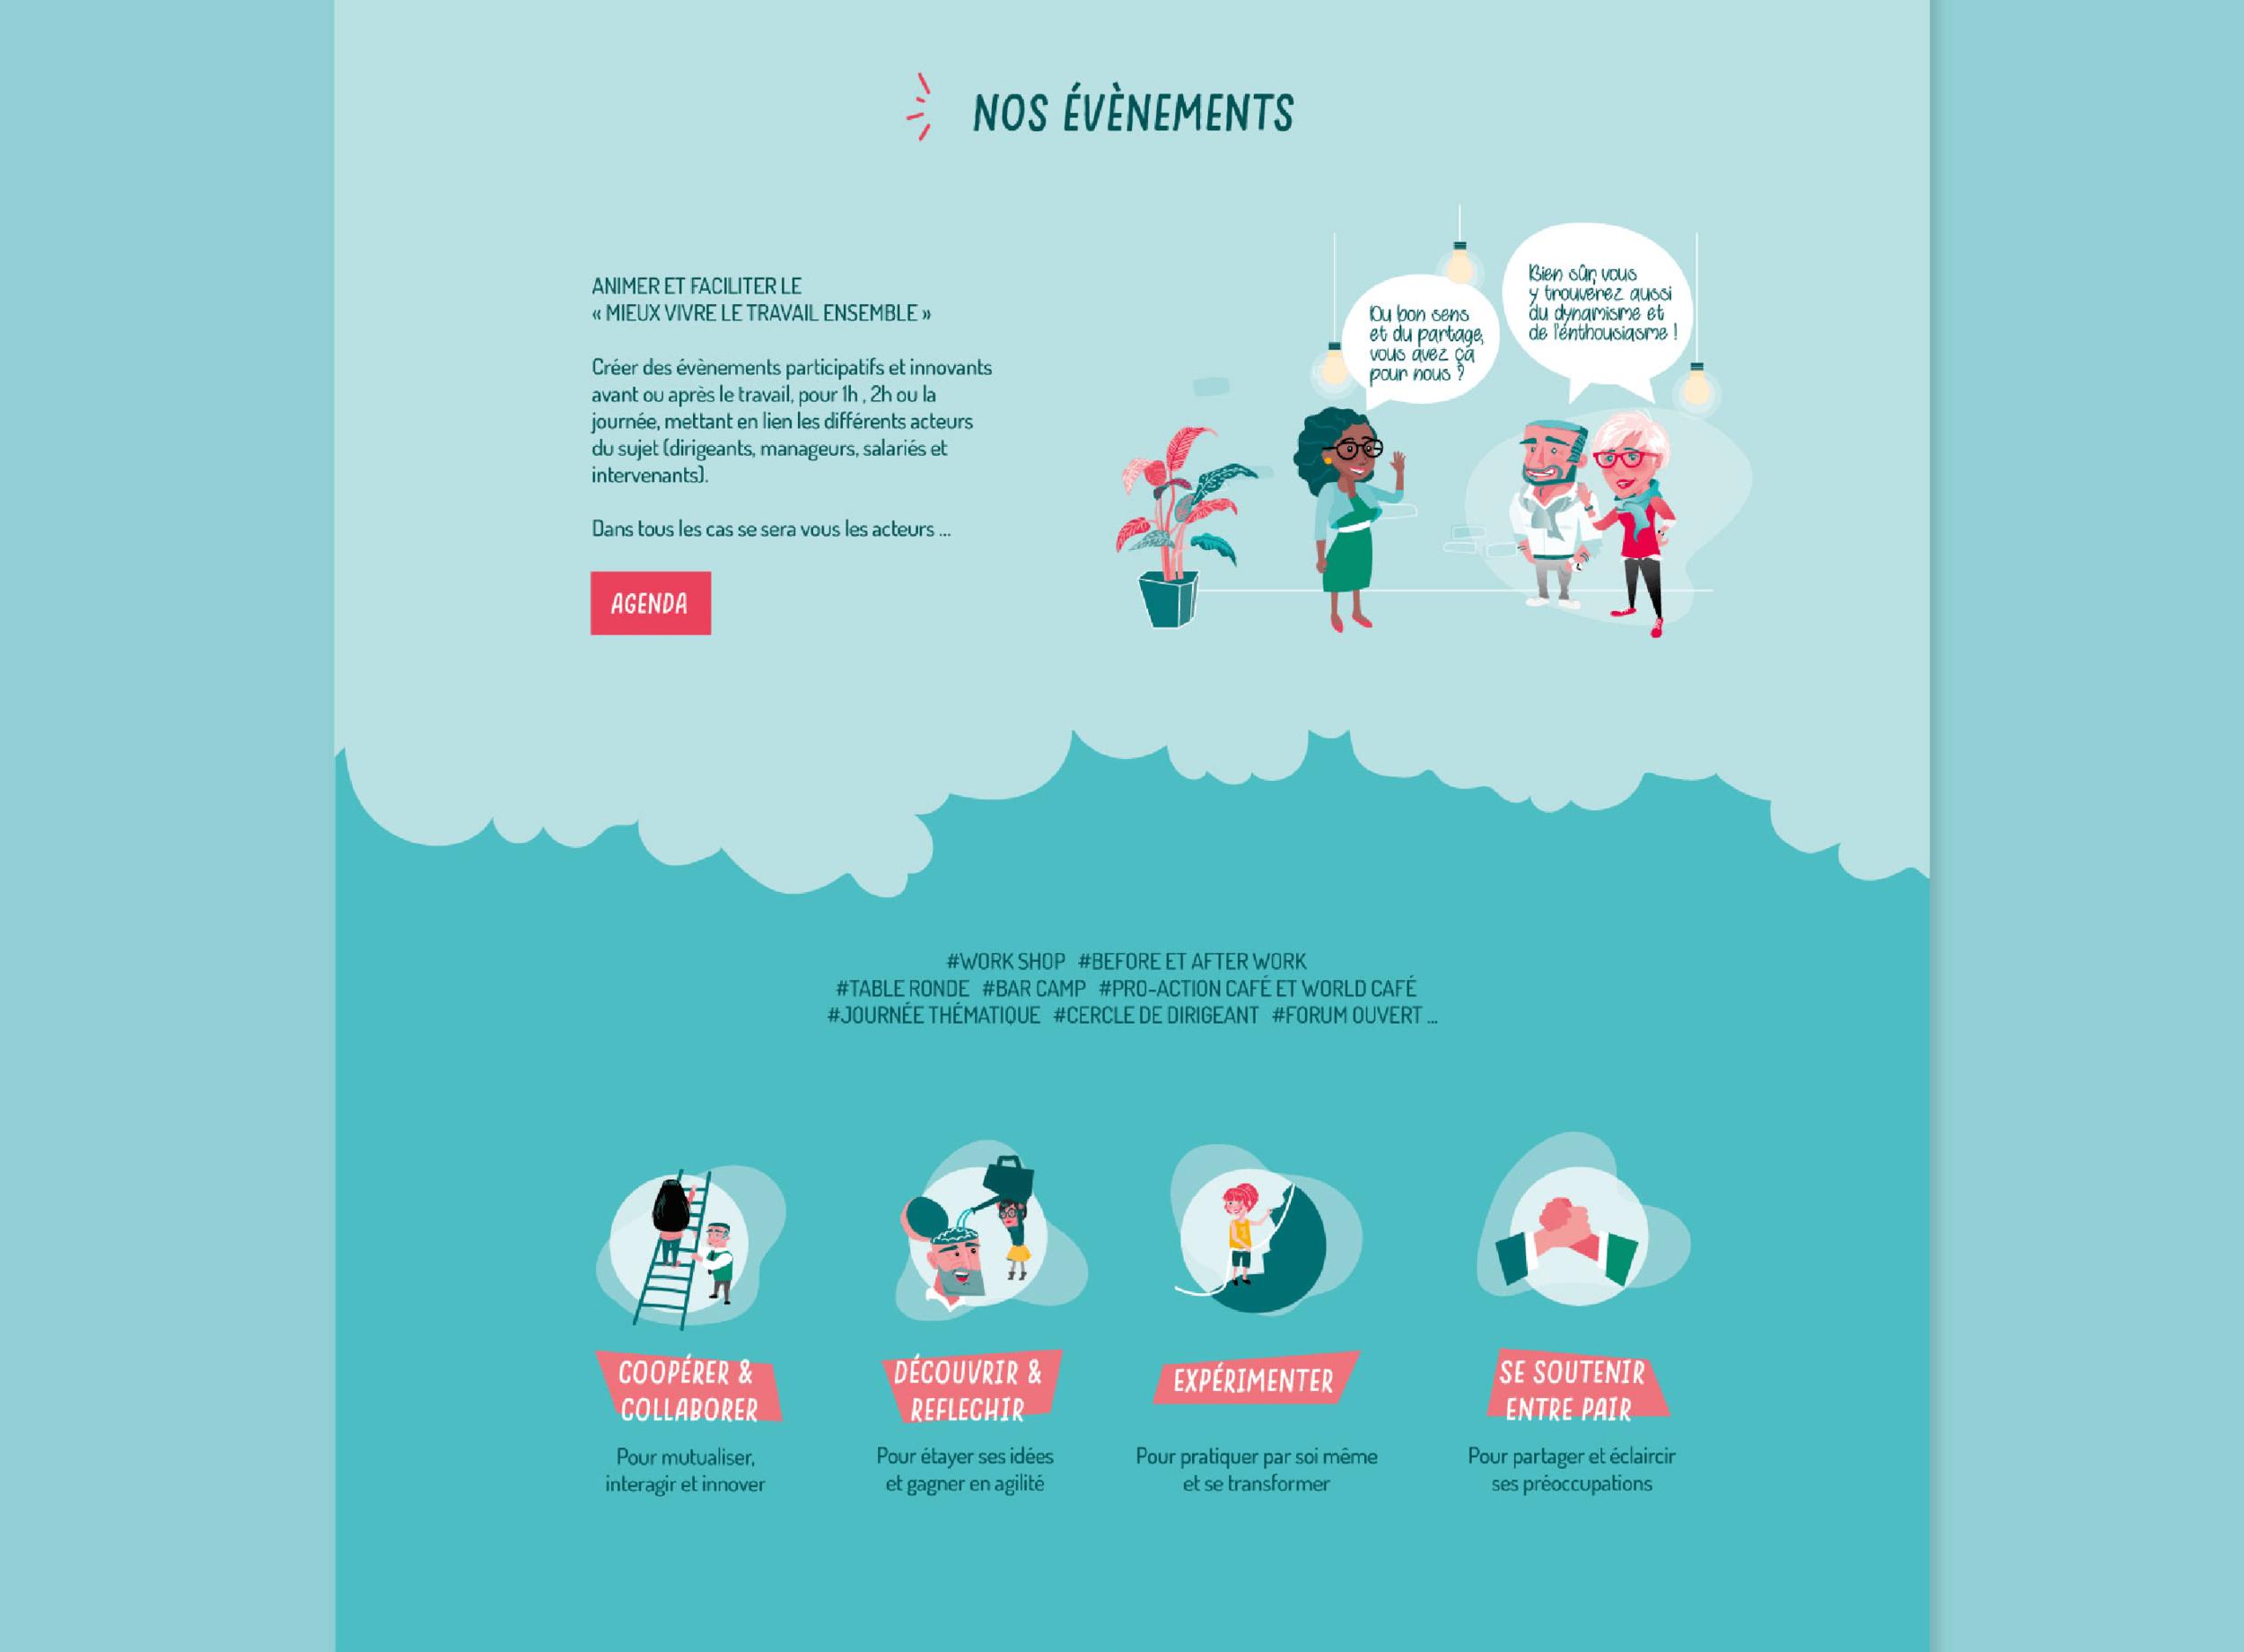 bienotaf_identite_visuelle_design_graphique_section_évènements_dentreprise.png